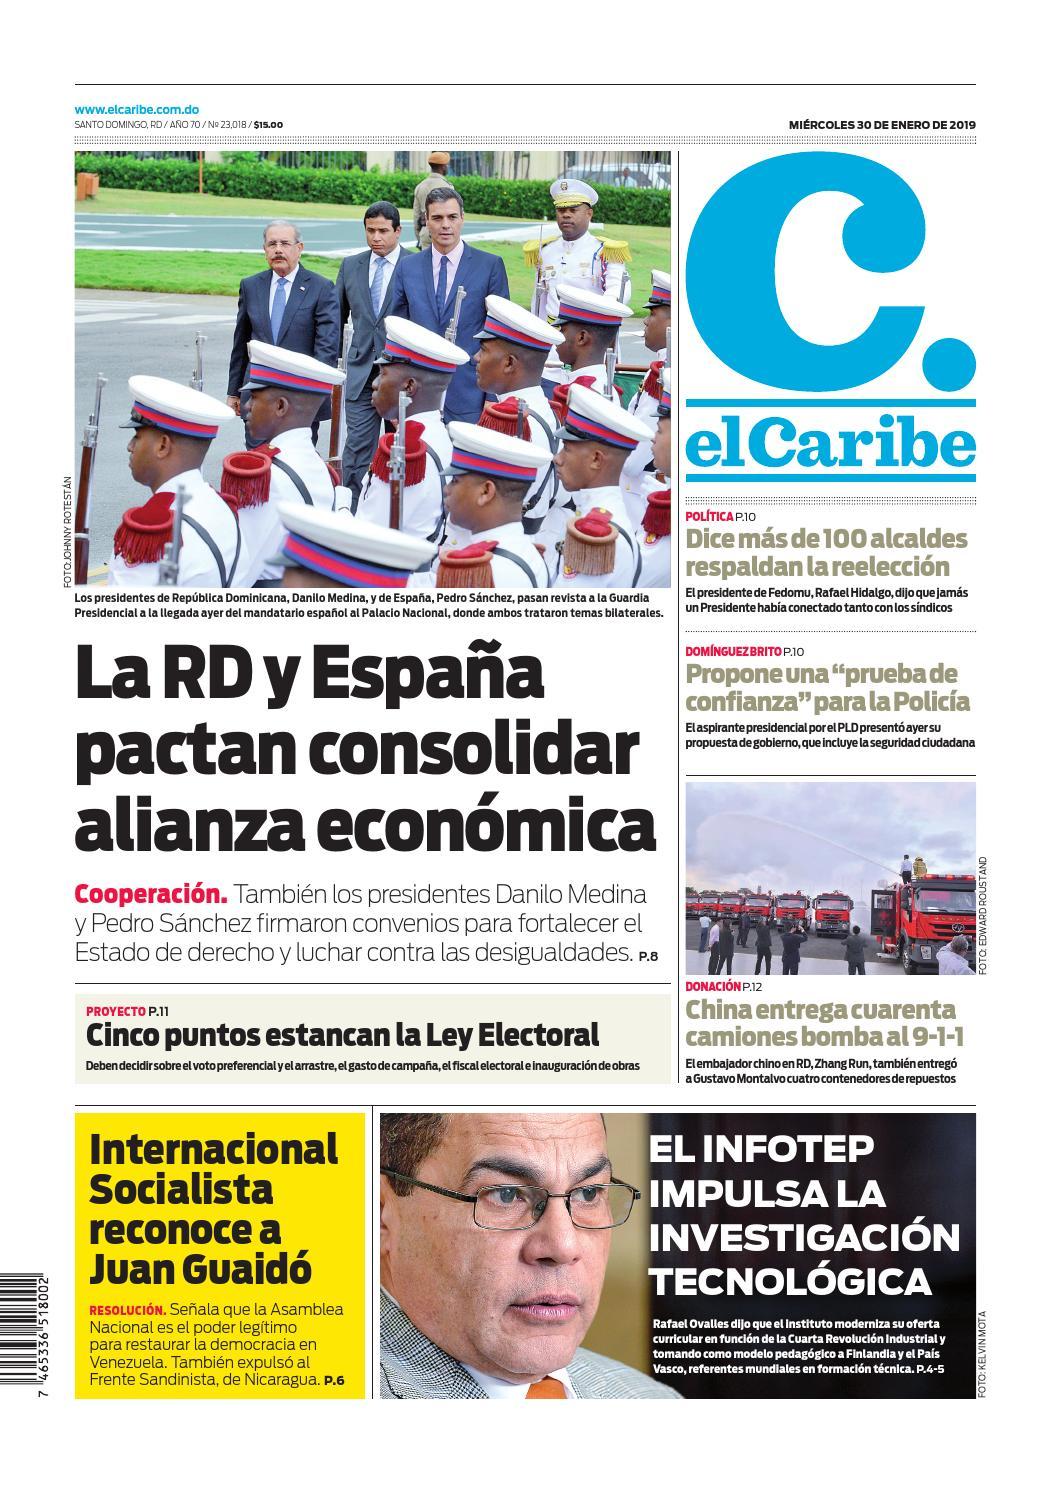 Portada Periódico El Caribe, Miércoles 30 de Enero 2019